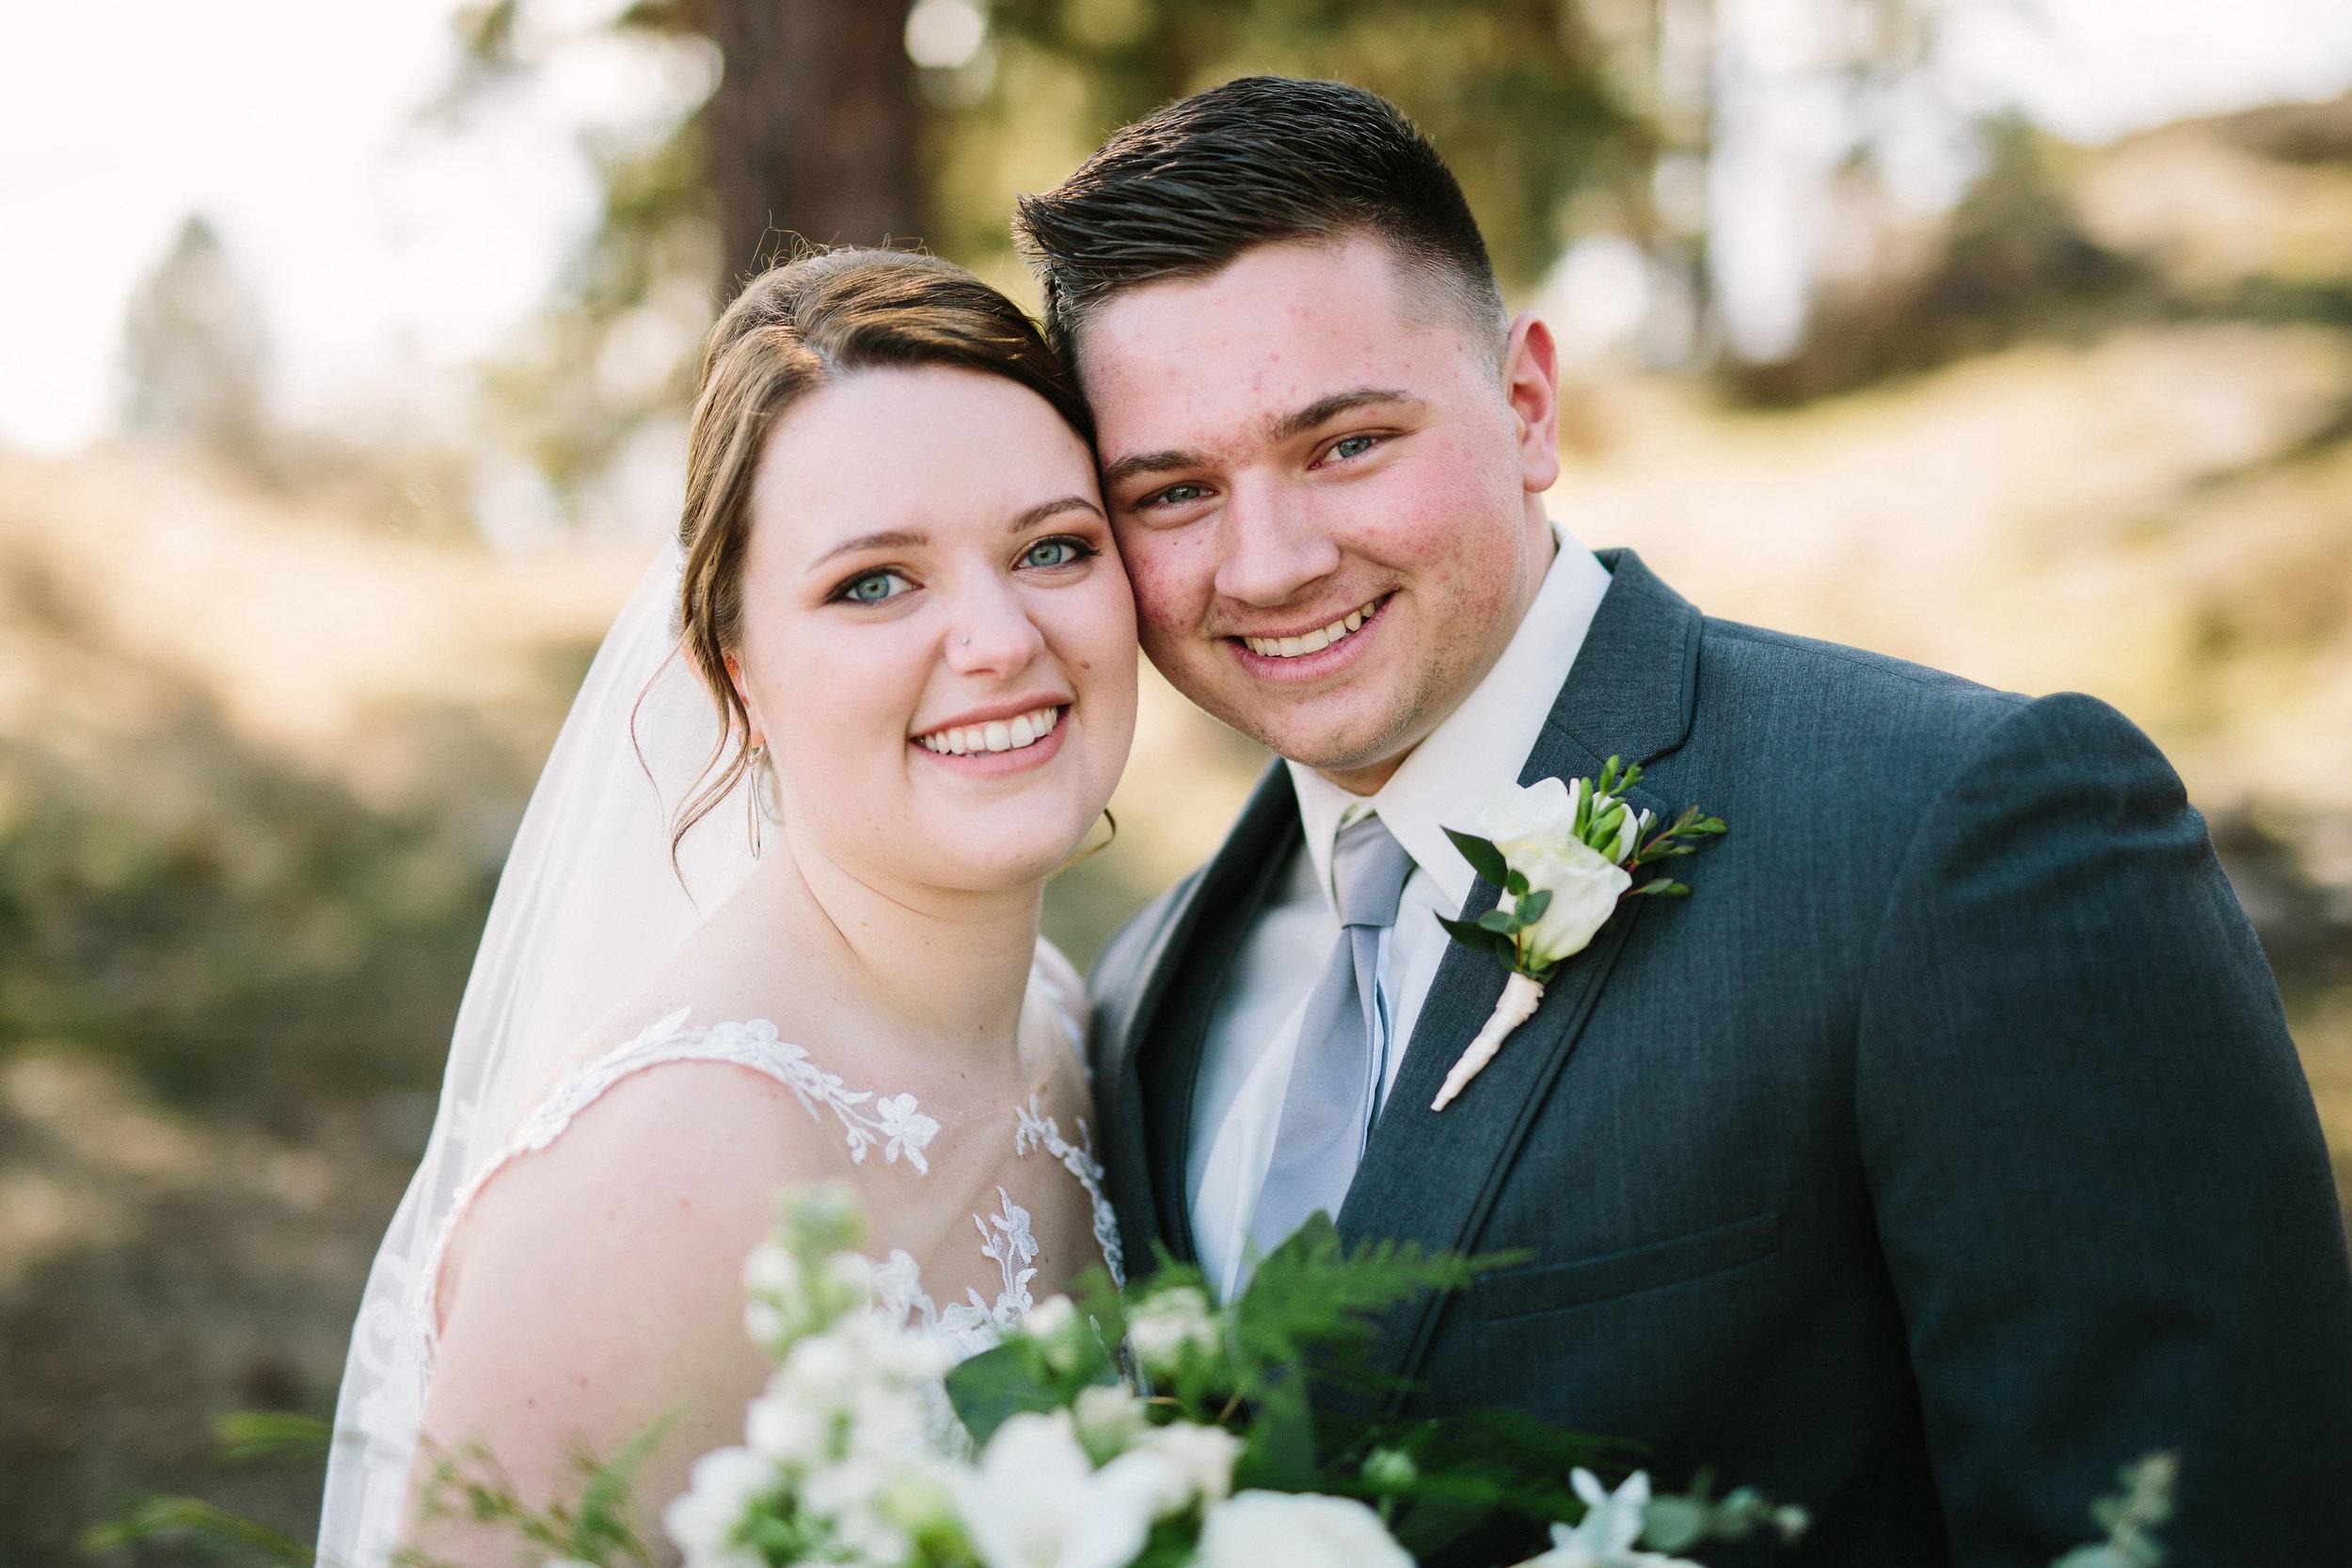 Fun Rustic spokane wedding couple portrait before wedding